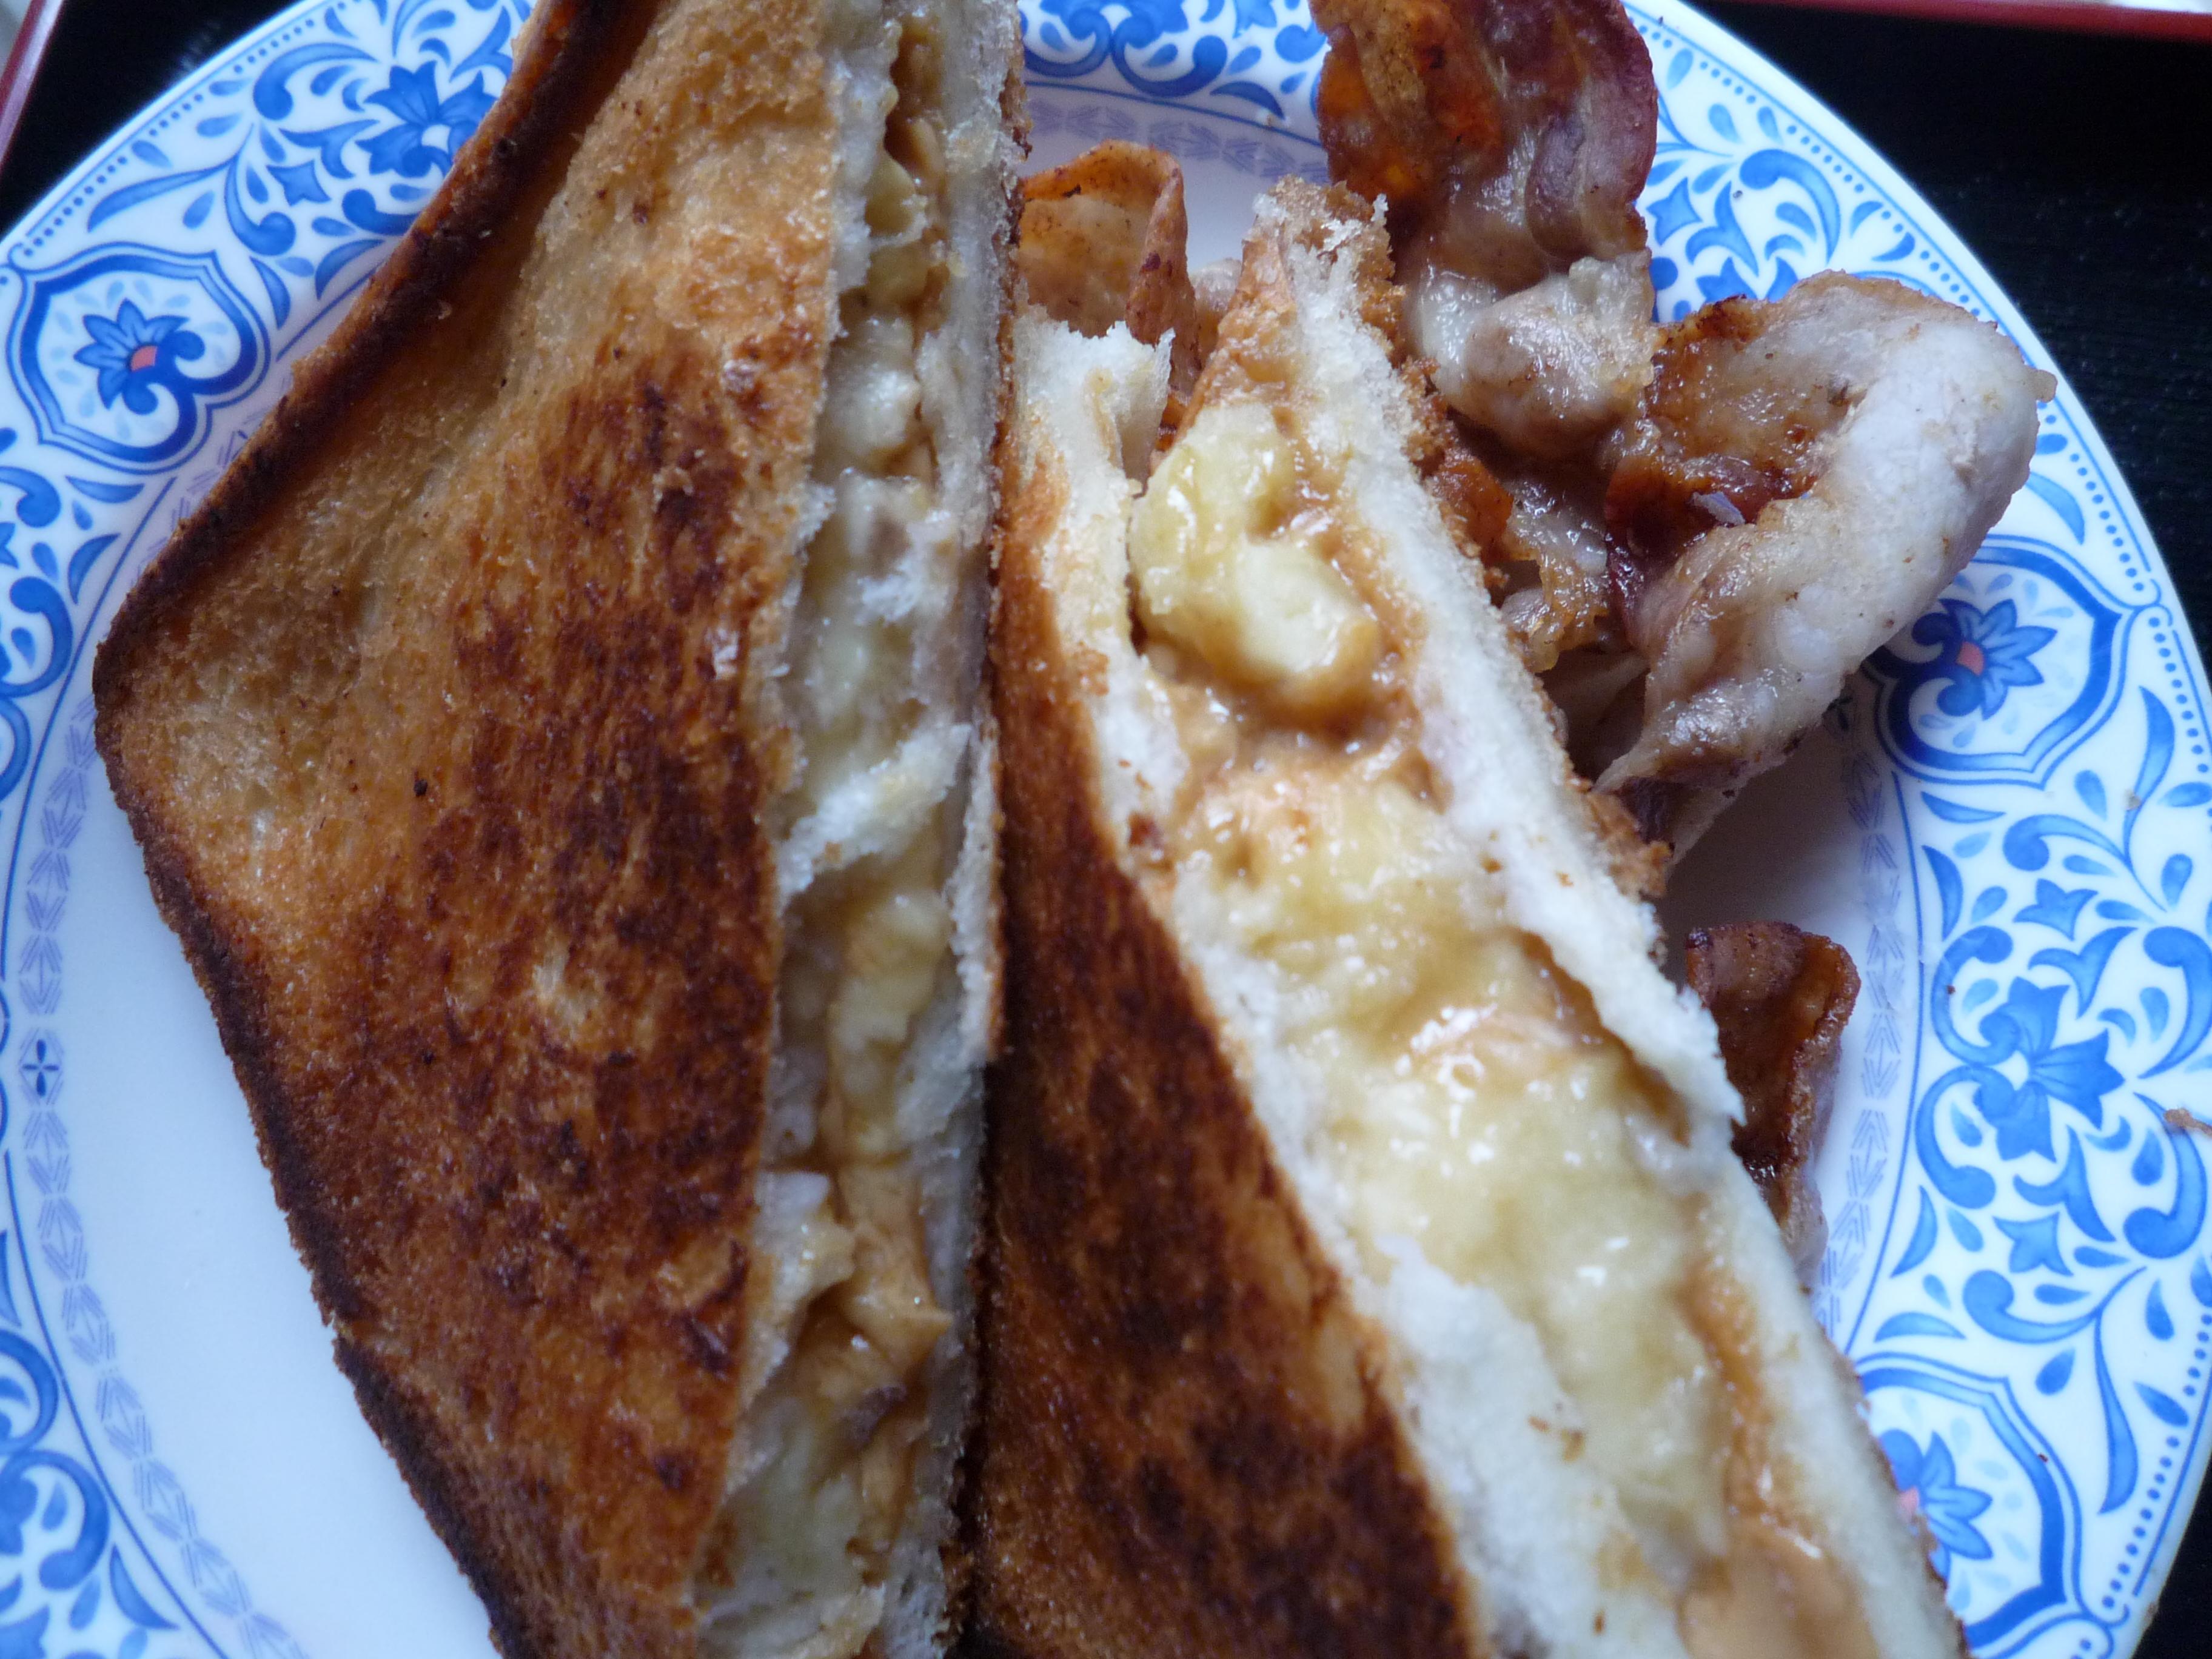 エルビスサンド ピーナッツバターとバナナのグリルドサンドイッチ11